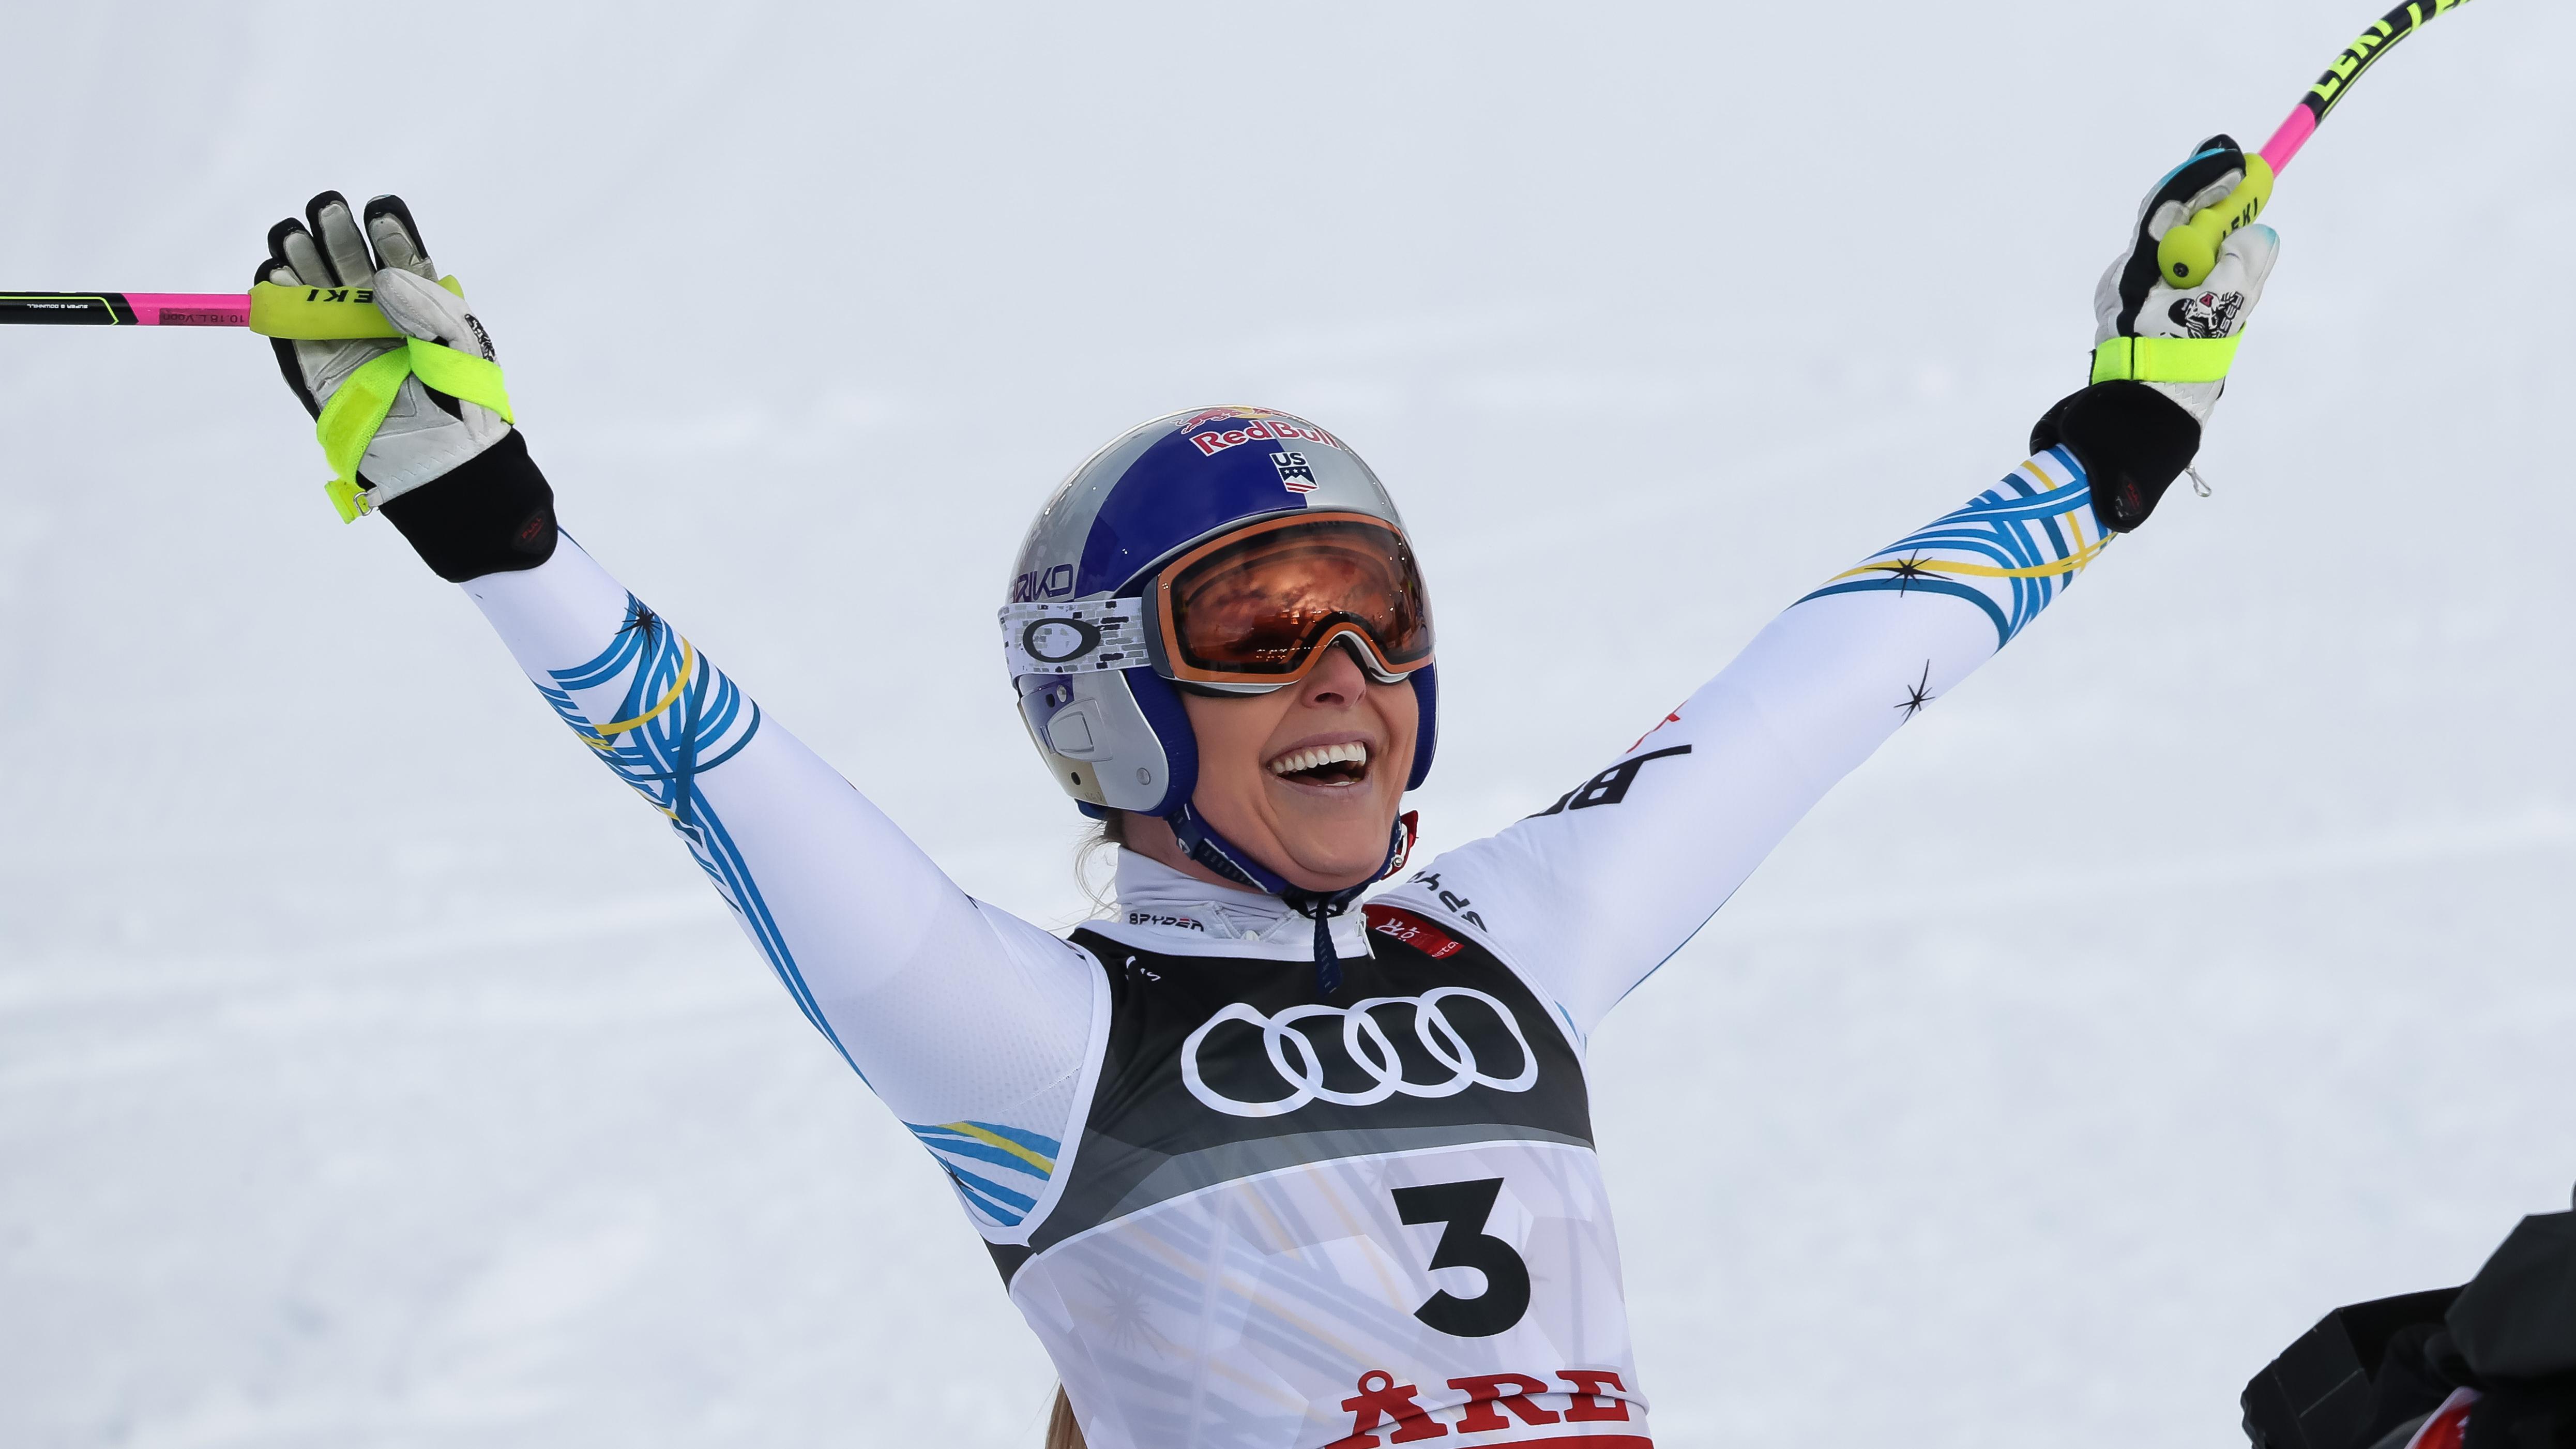 Lindsey Vonn Retires As The Winningest Female Skier In History